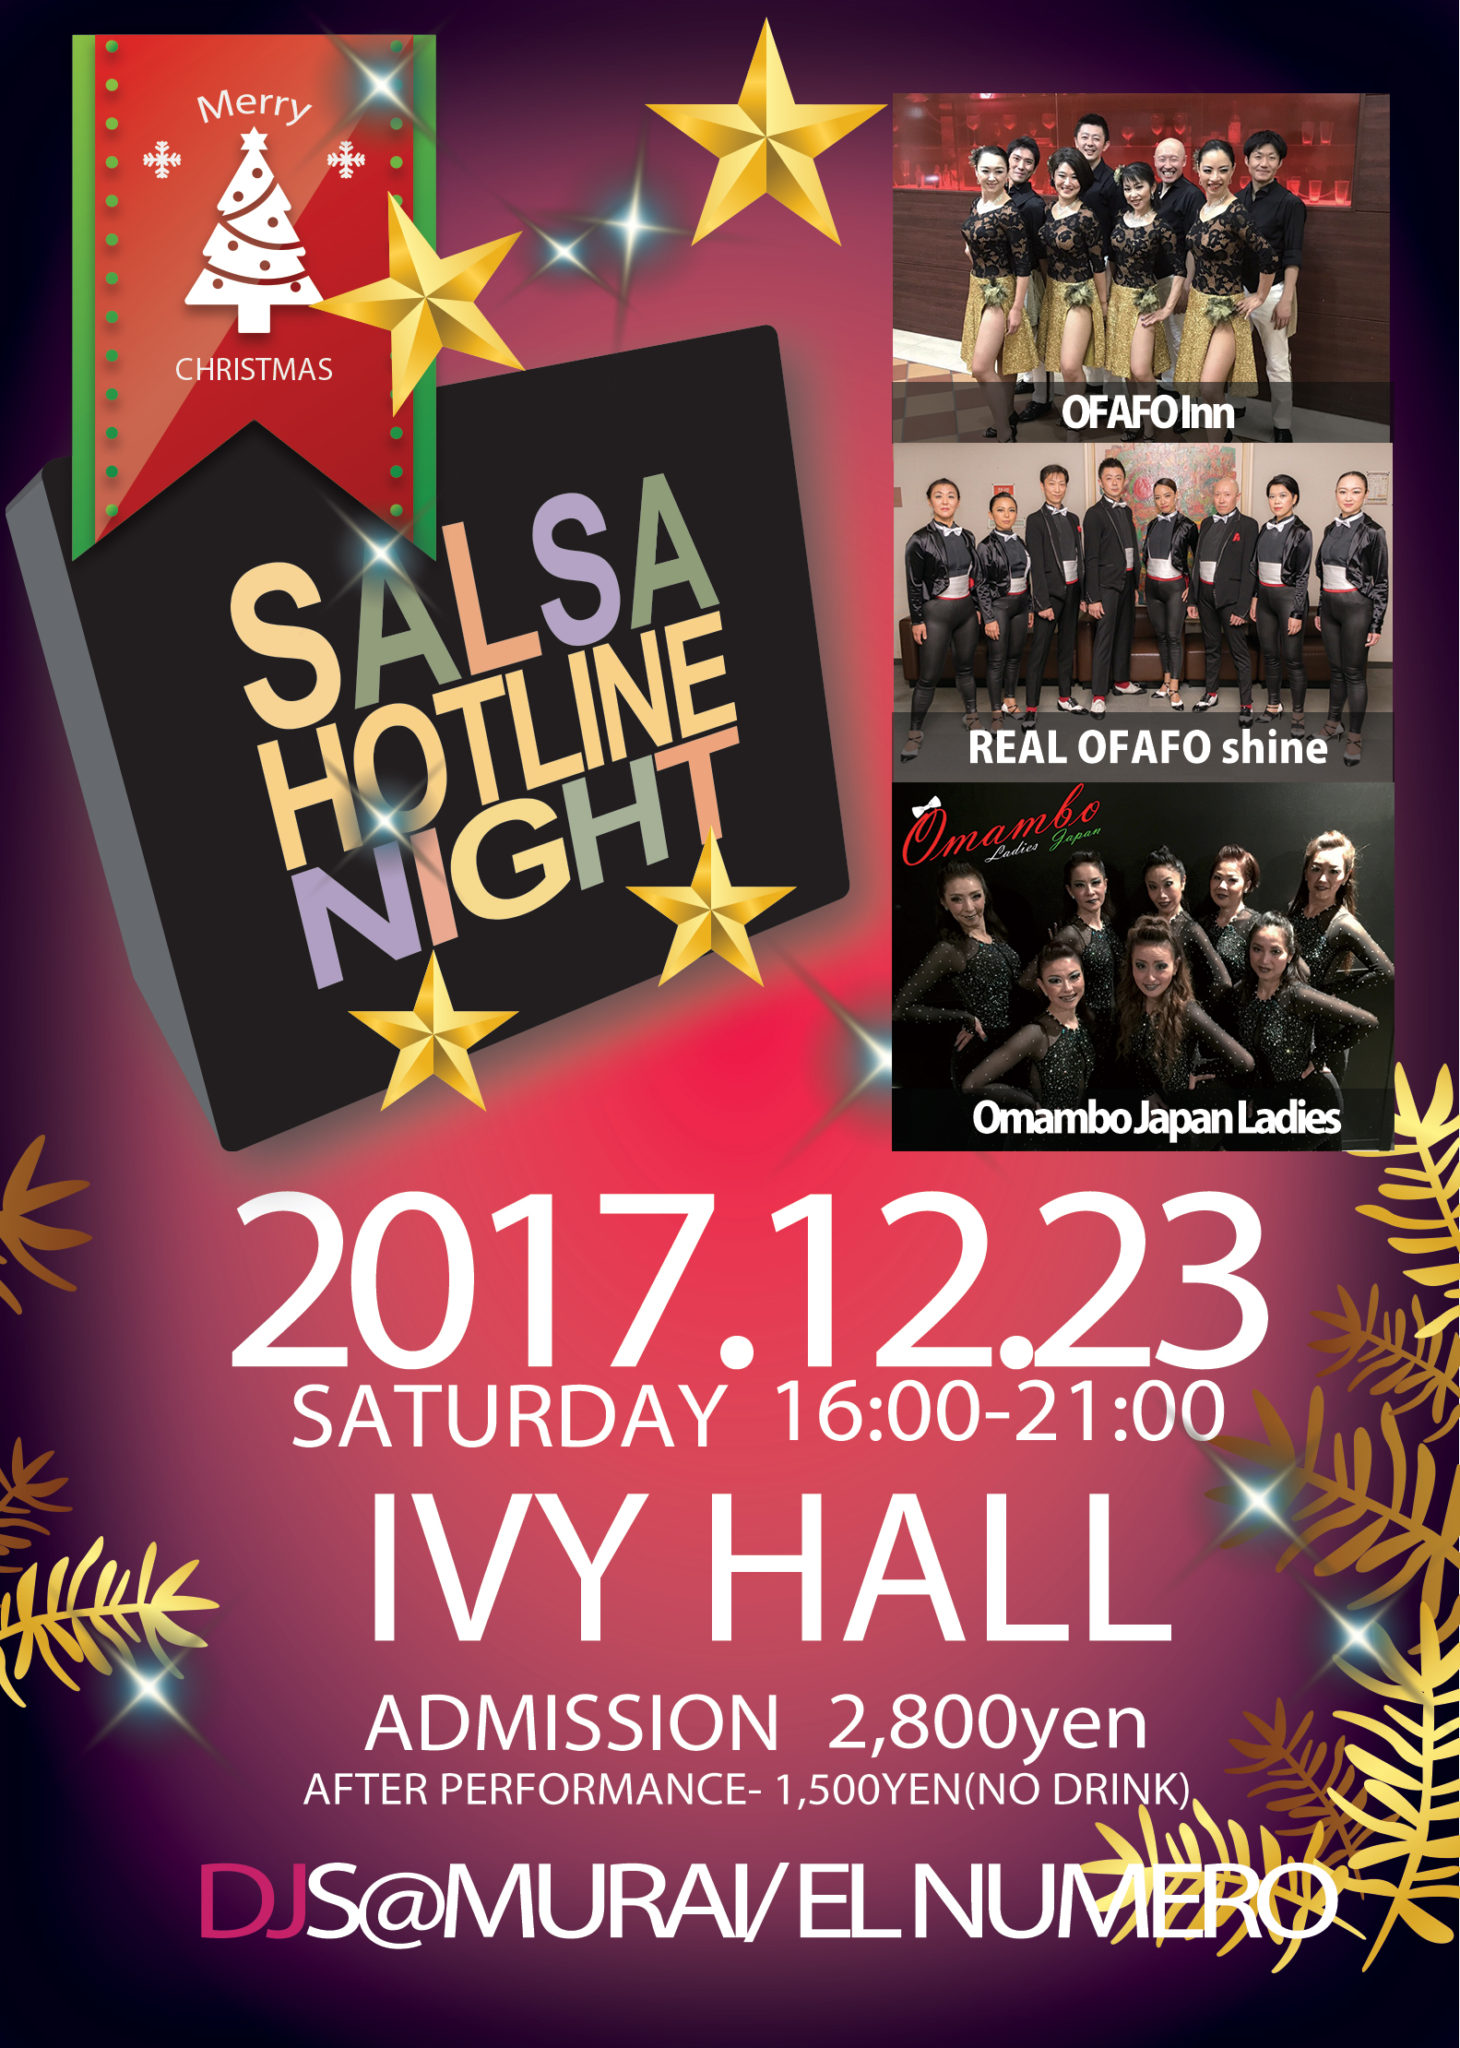 第236回 Salsa Hotline Night(サルホナイト) 【お得な早割あり!】PF by Hya-Queプロデュース「Omambo Japan Ladies」、Los Valientes Tokyo、OFAFO Inn、REAL OFAFO shine